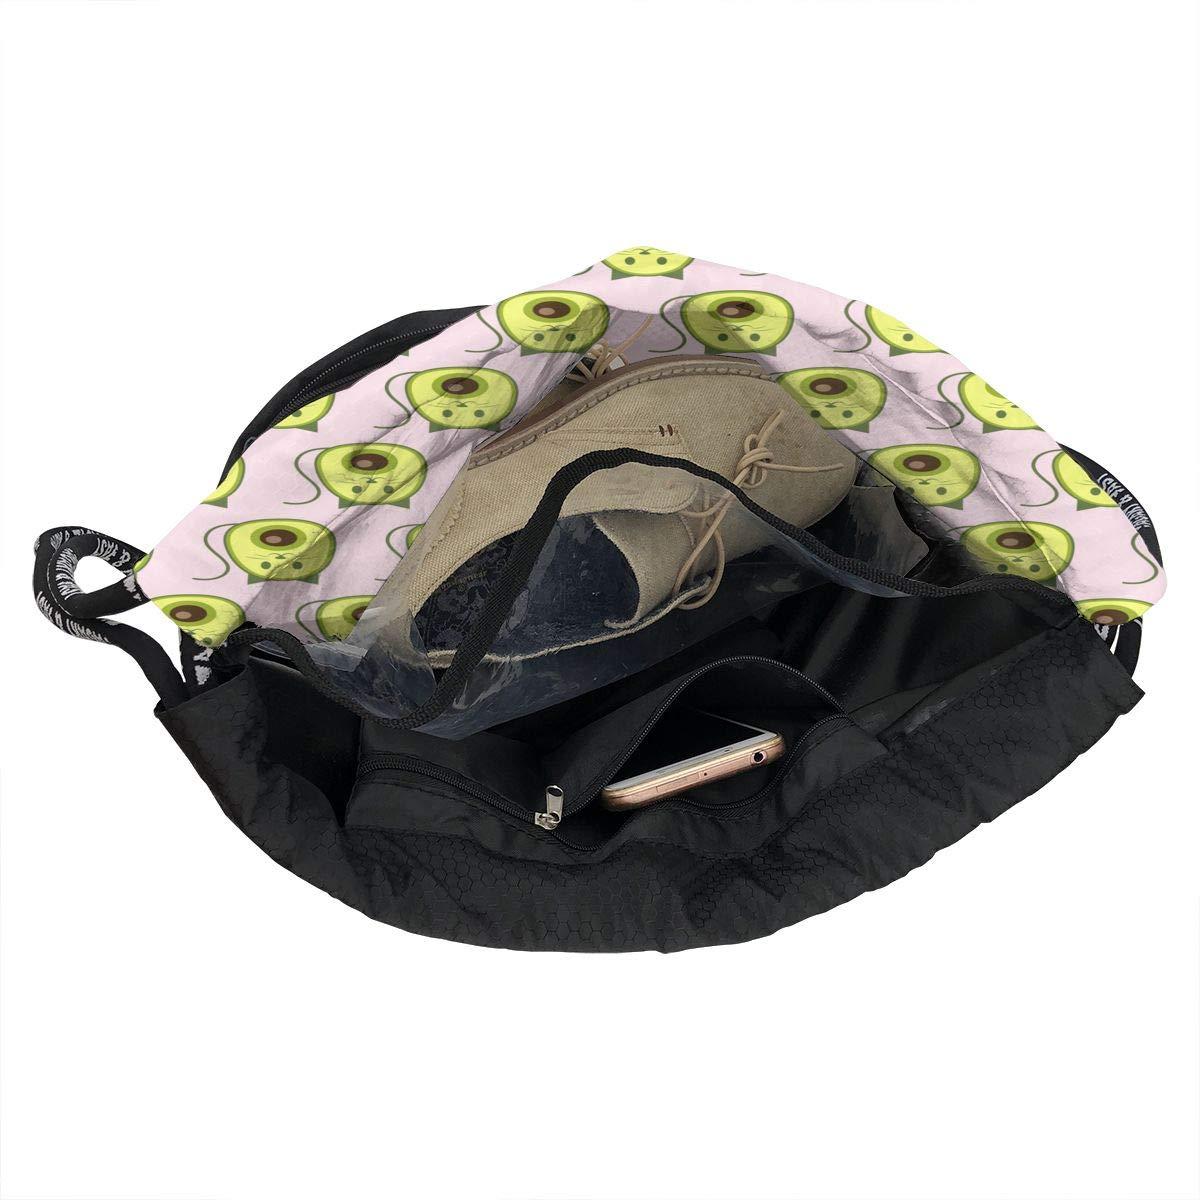 HUOPR5Q Cat and Avocado Drawstring Backpack Sport Gym Sack Shoulder Bulk Bag Dance Bag for School Travel